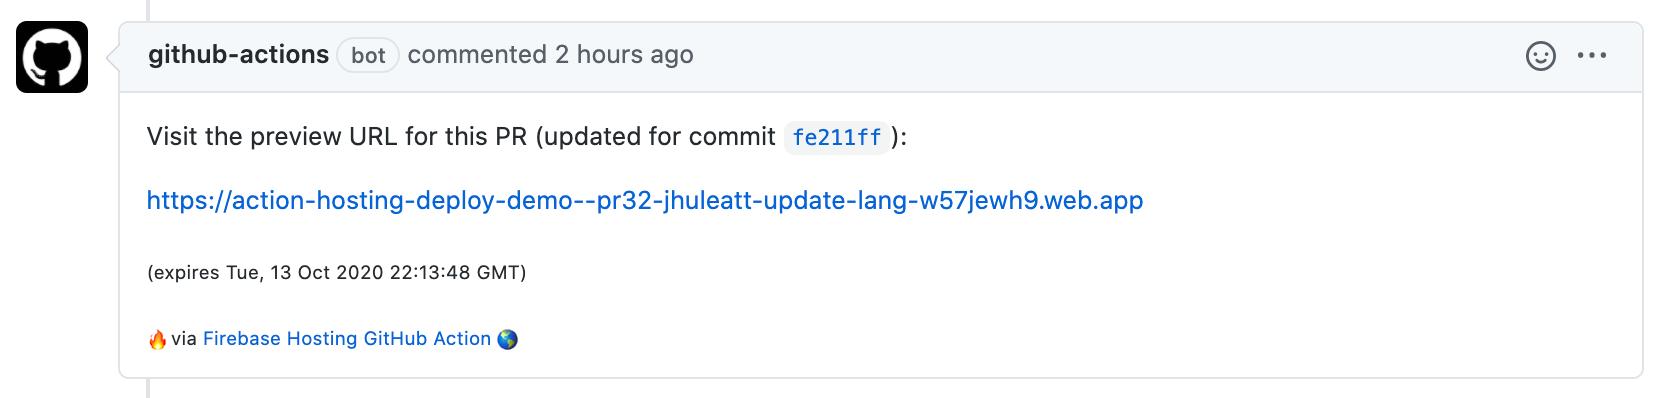 プレビューURL付きのGitHubアクションPRコメントの画像